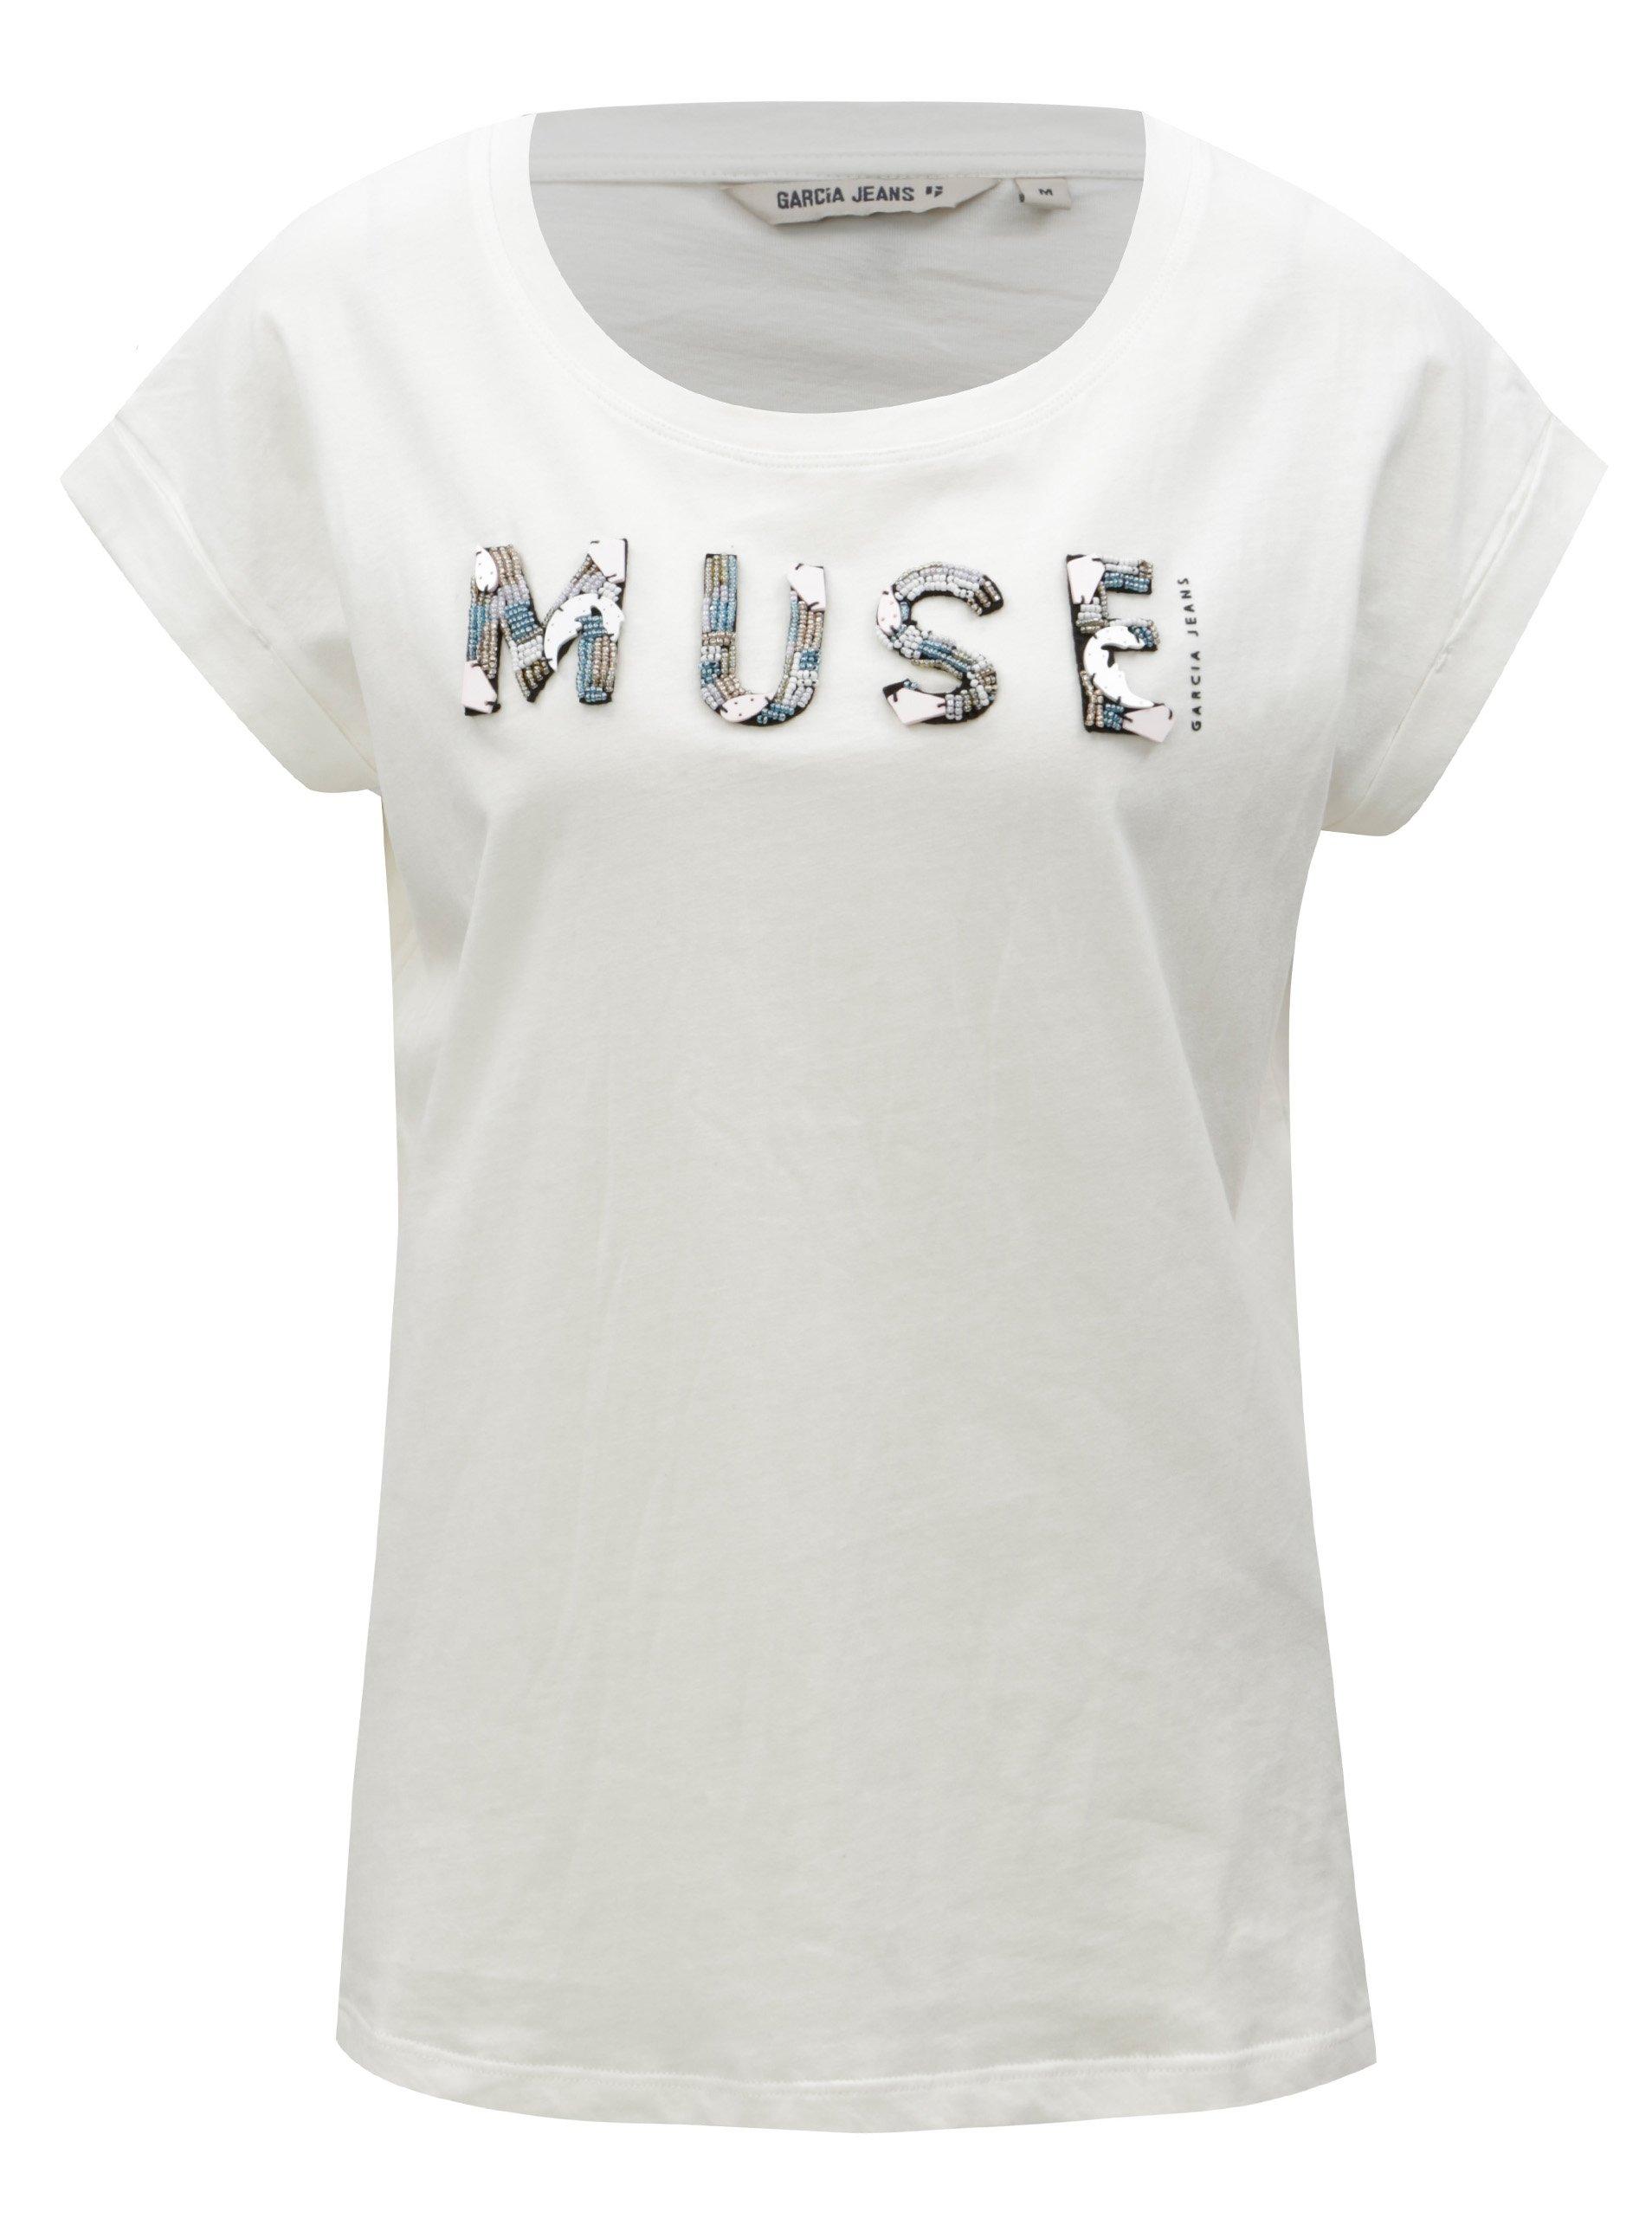 Bílé dámské tričko s korálkovou výšivkou Garcia Jeans